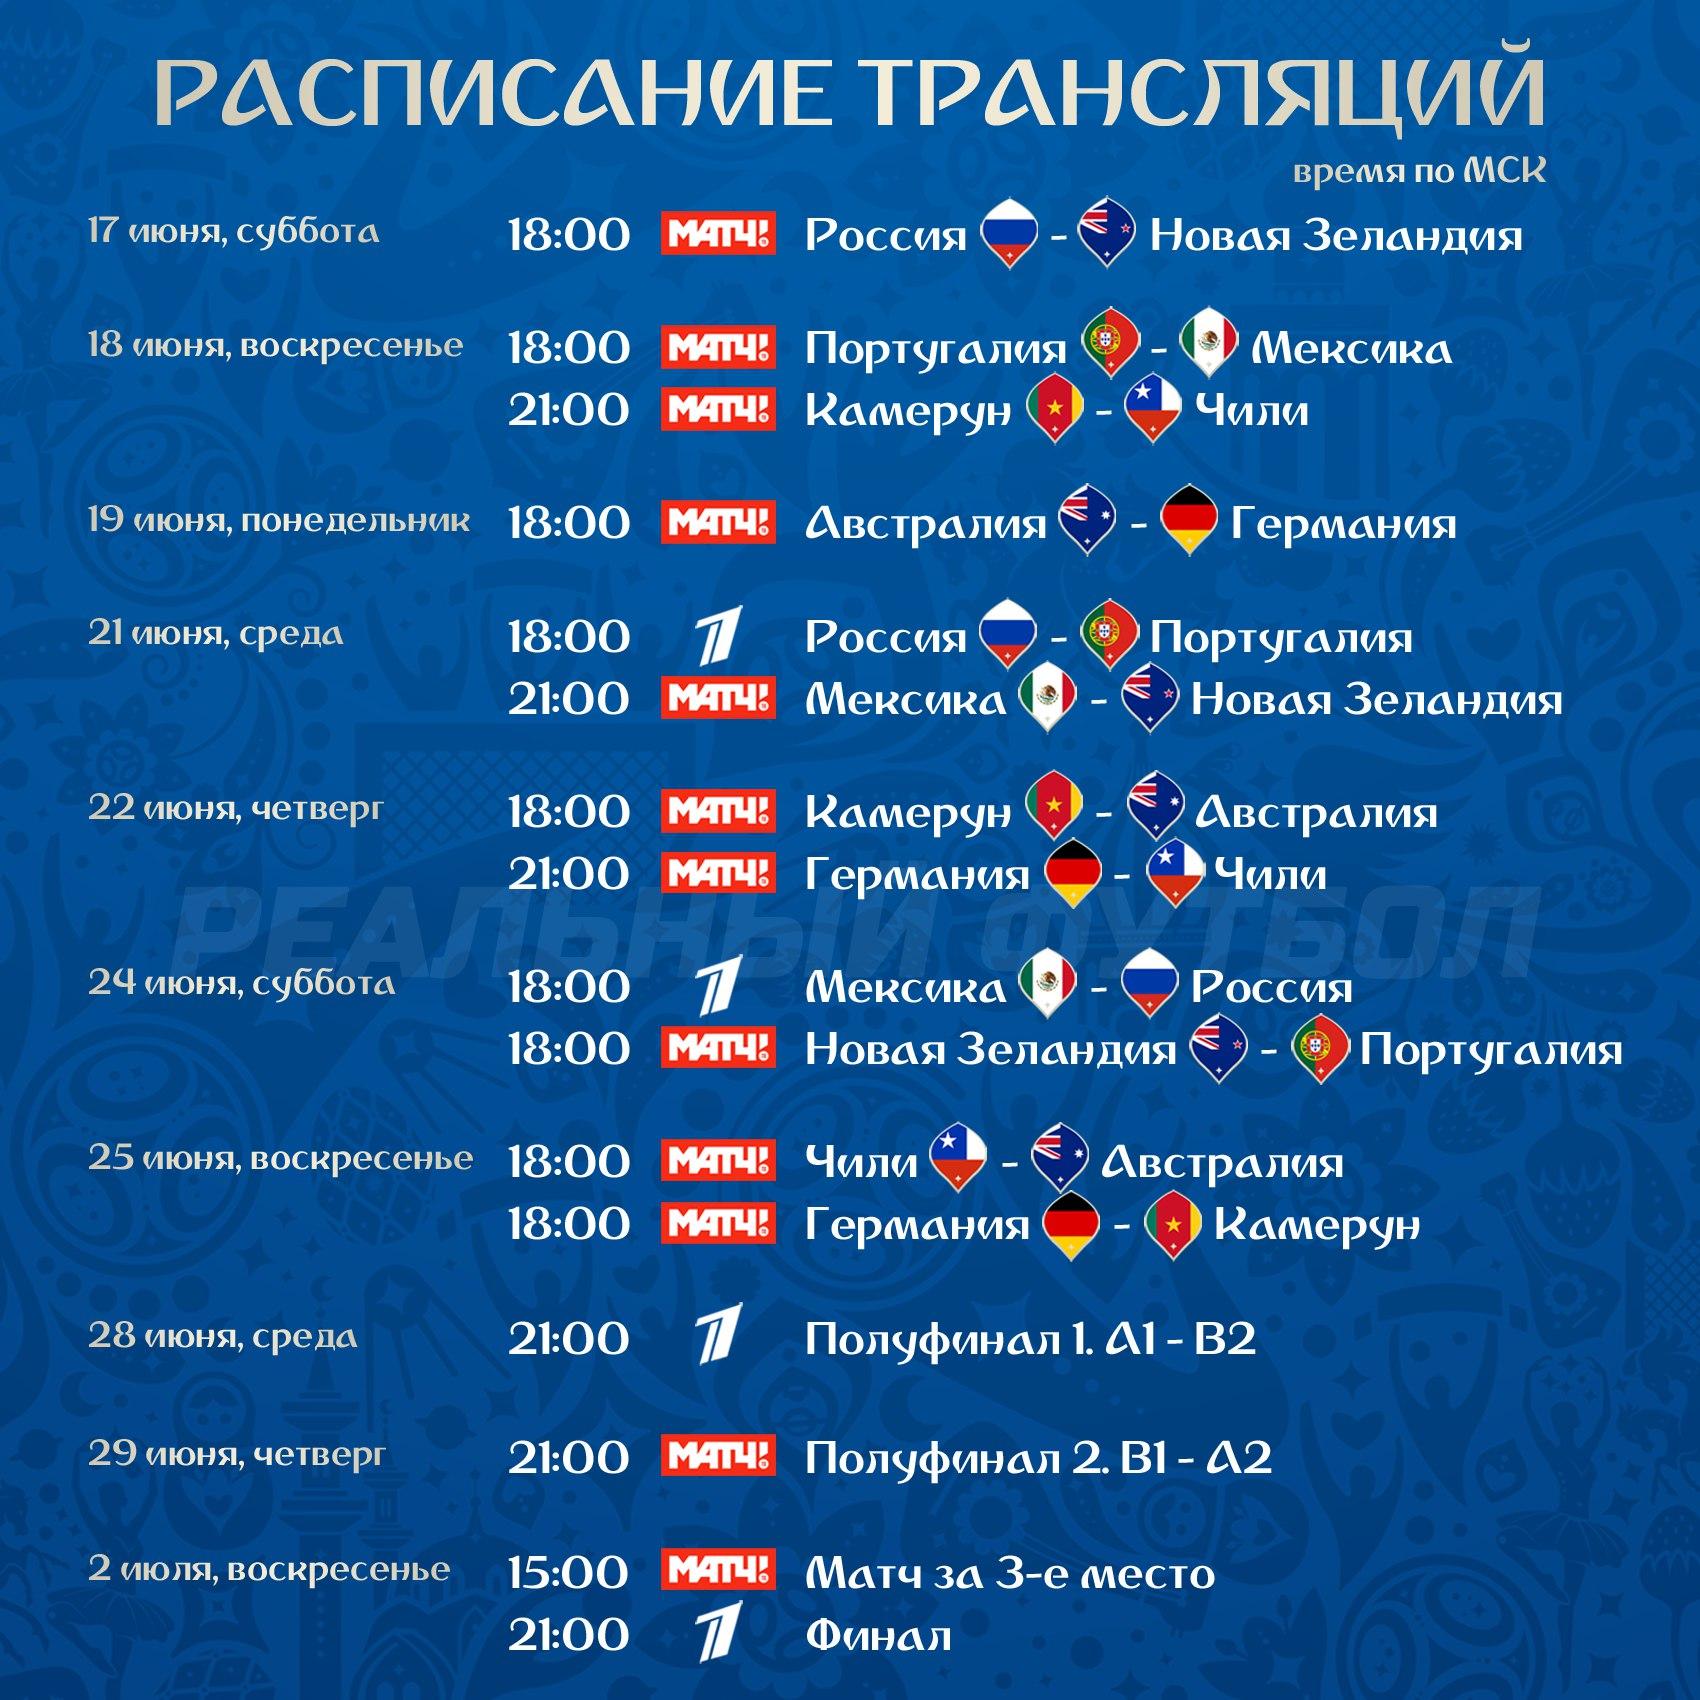 того, они чемпионат мира по футболу 2017 санкт-петербург расписание термобелья